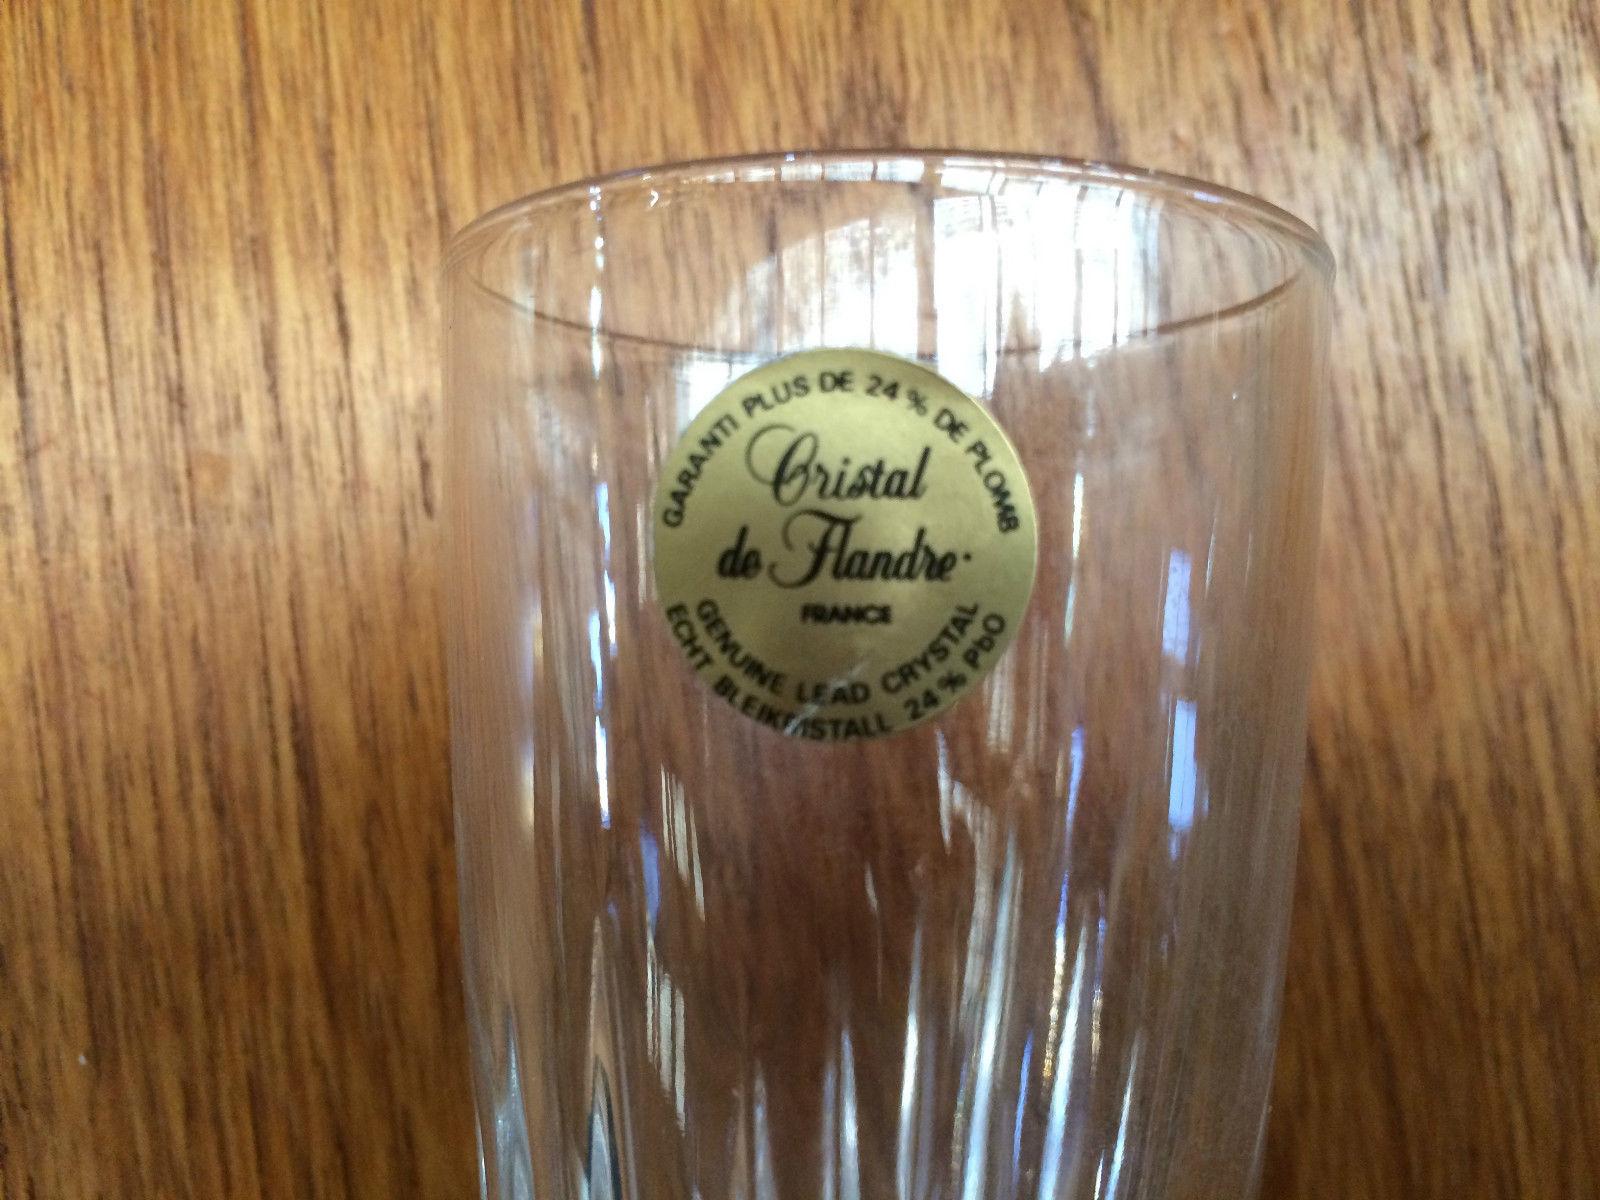 Set Of 3 Vintage Cristal De Flandre Crystal Champagne Glasses With Label   Melbourne   Halsey Road Recyclers